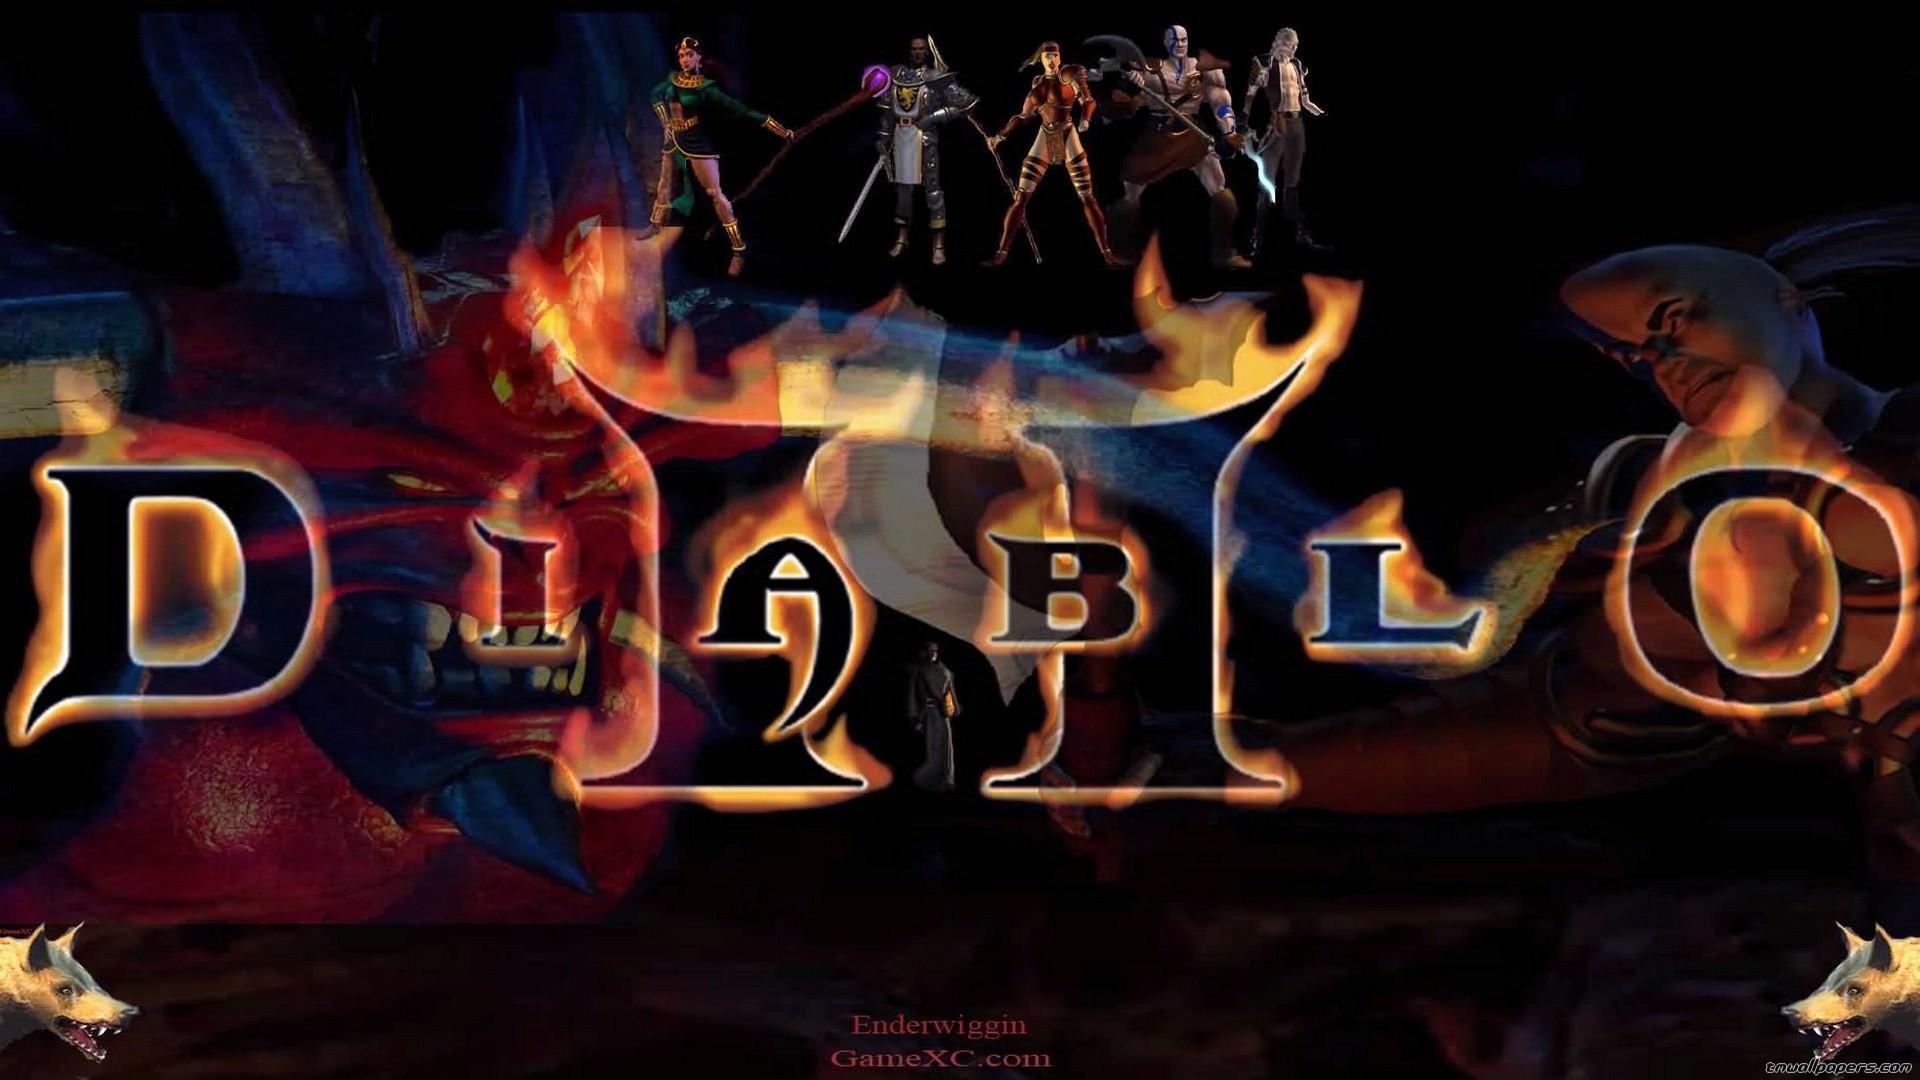 50 Diablo 2